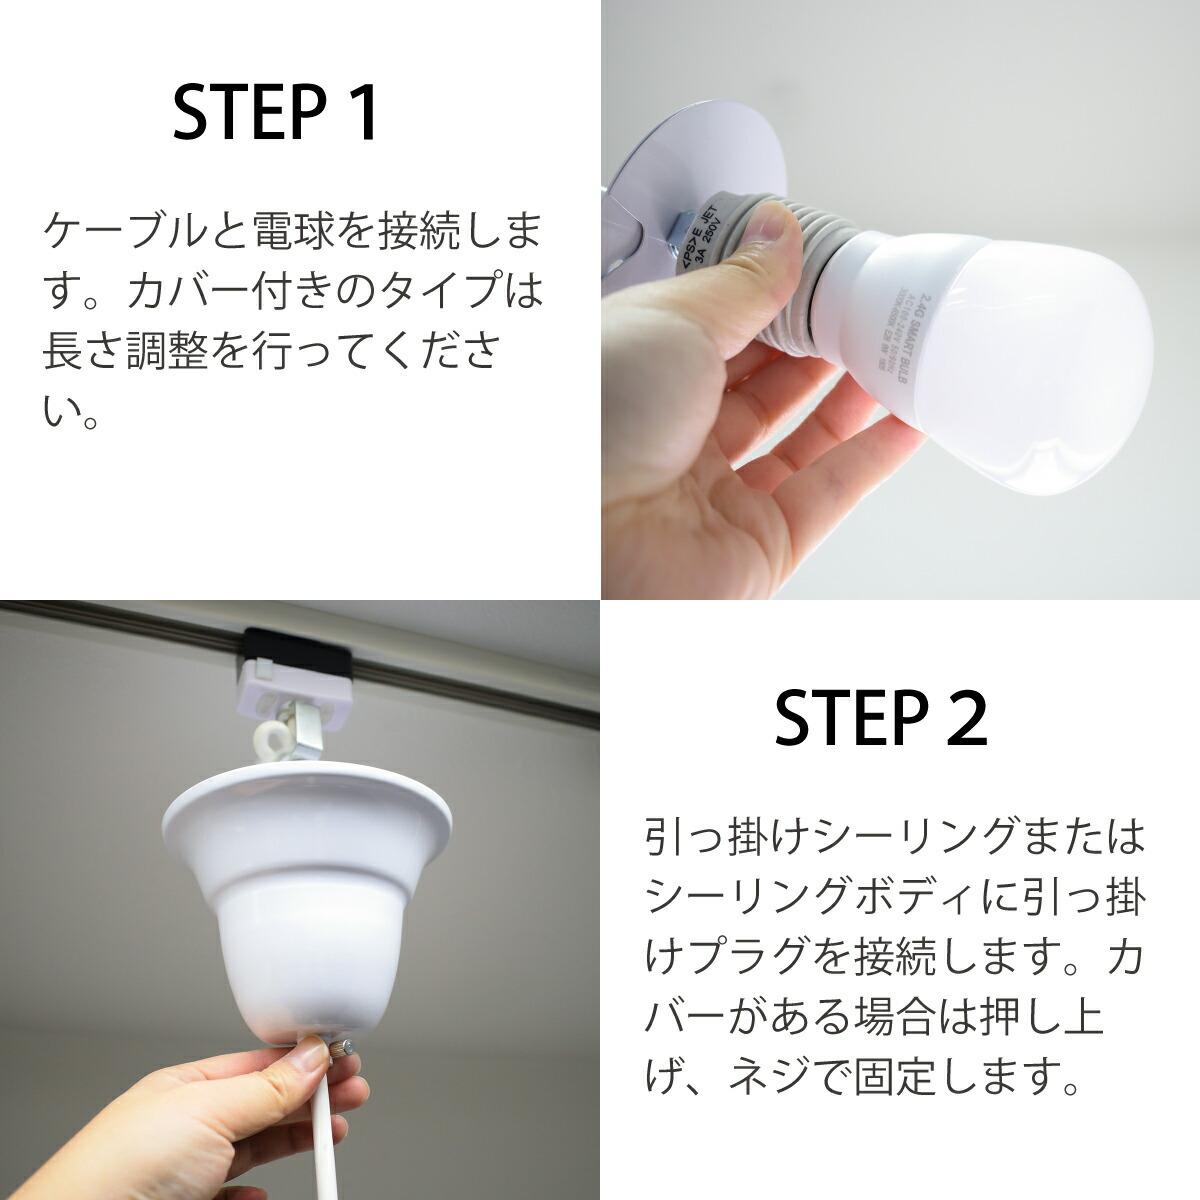 ケーブルと電球を接続し、引っ掛けシーリングに取り付けます。